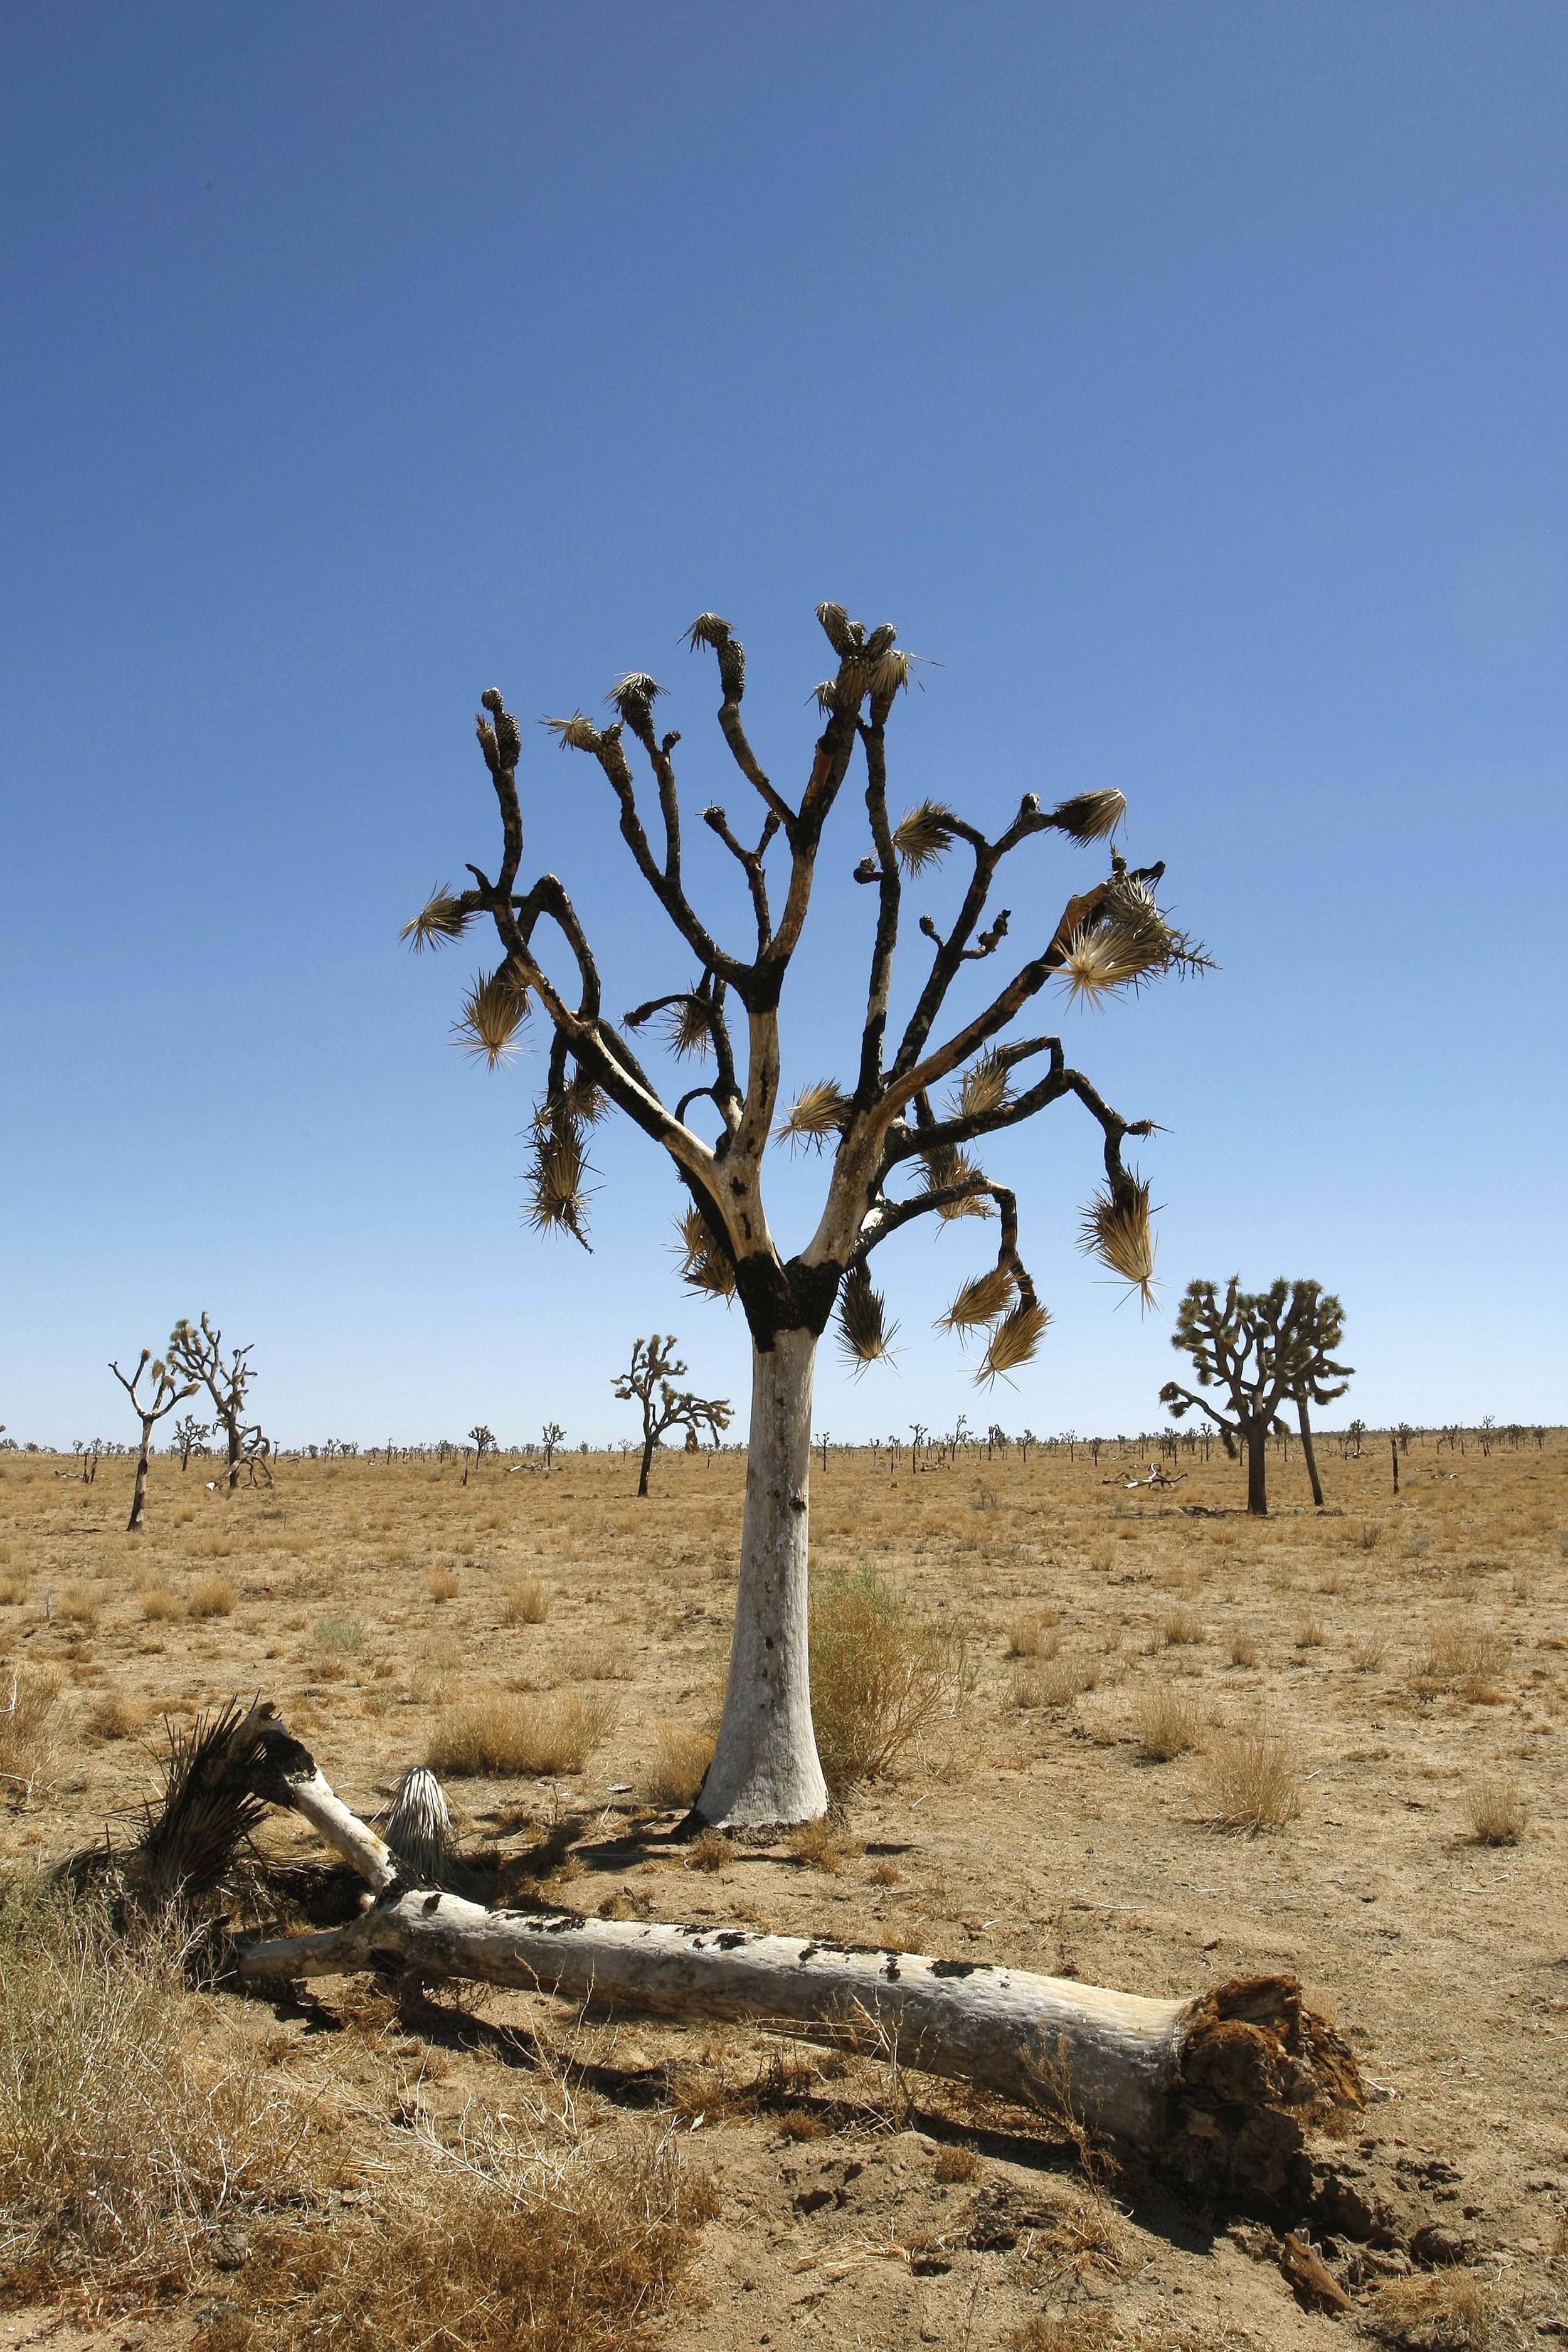 Joshua Tree National Park - Mohave Desert - California